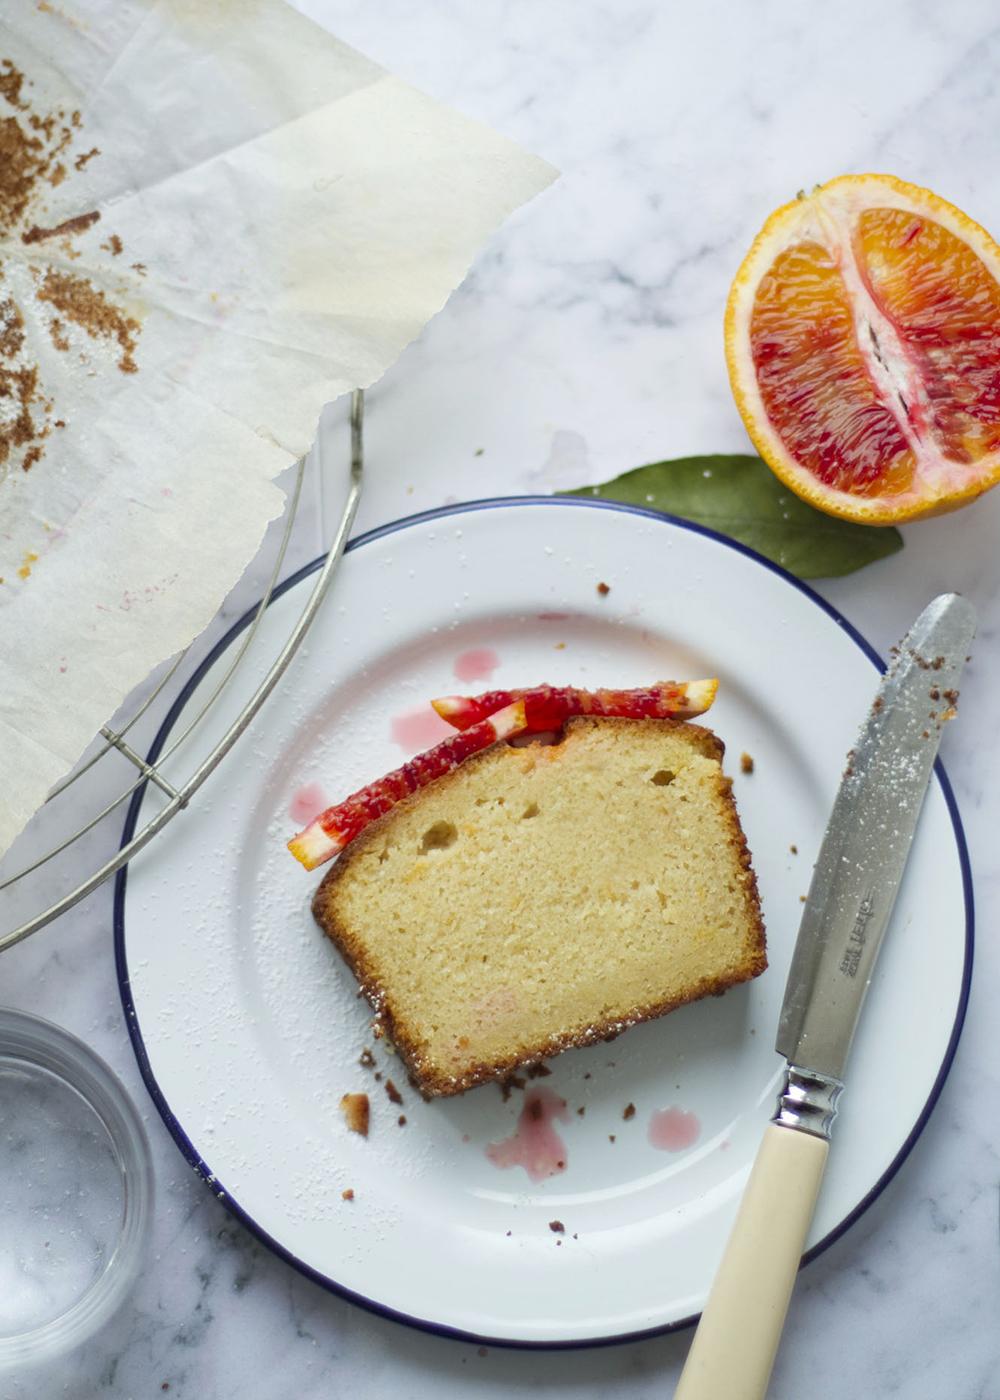 03_NOMNOM_Orangen_Cake.jpg